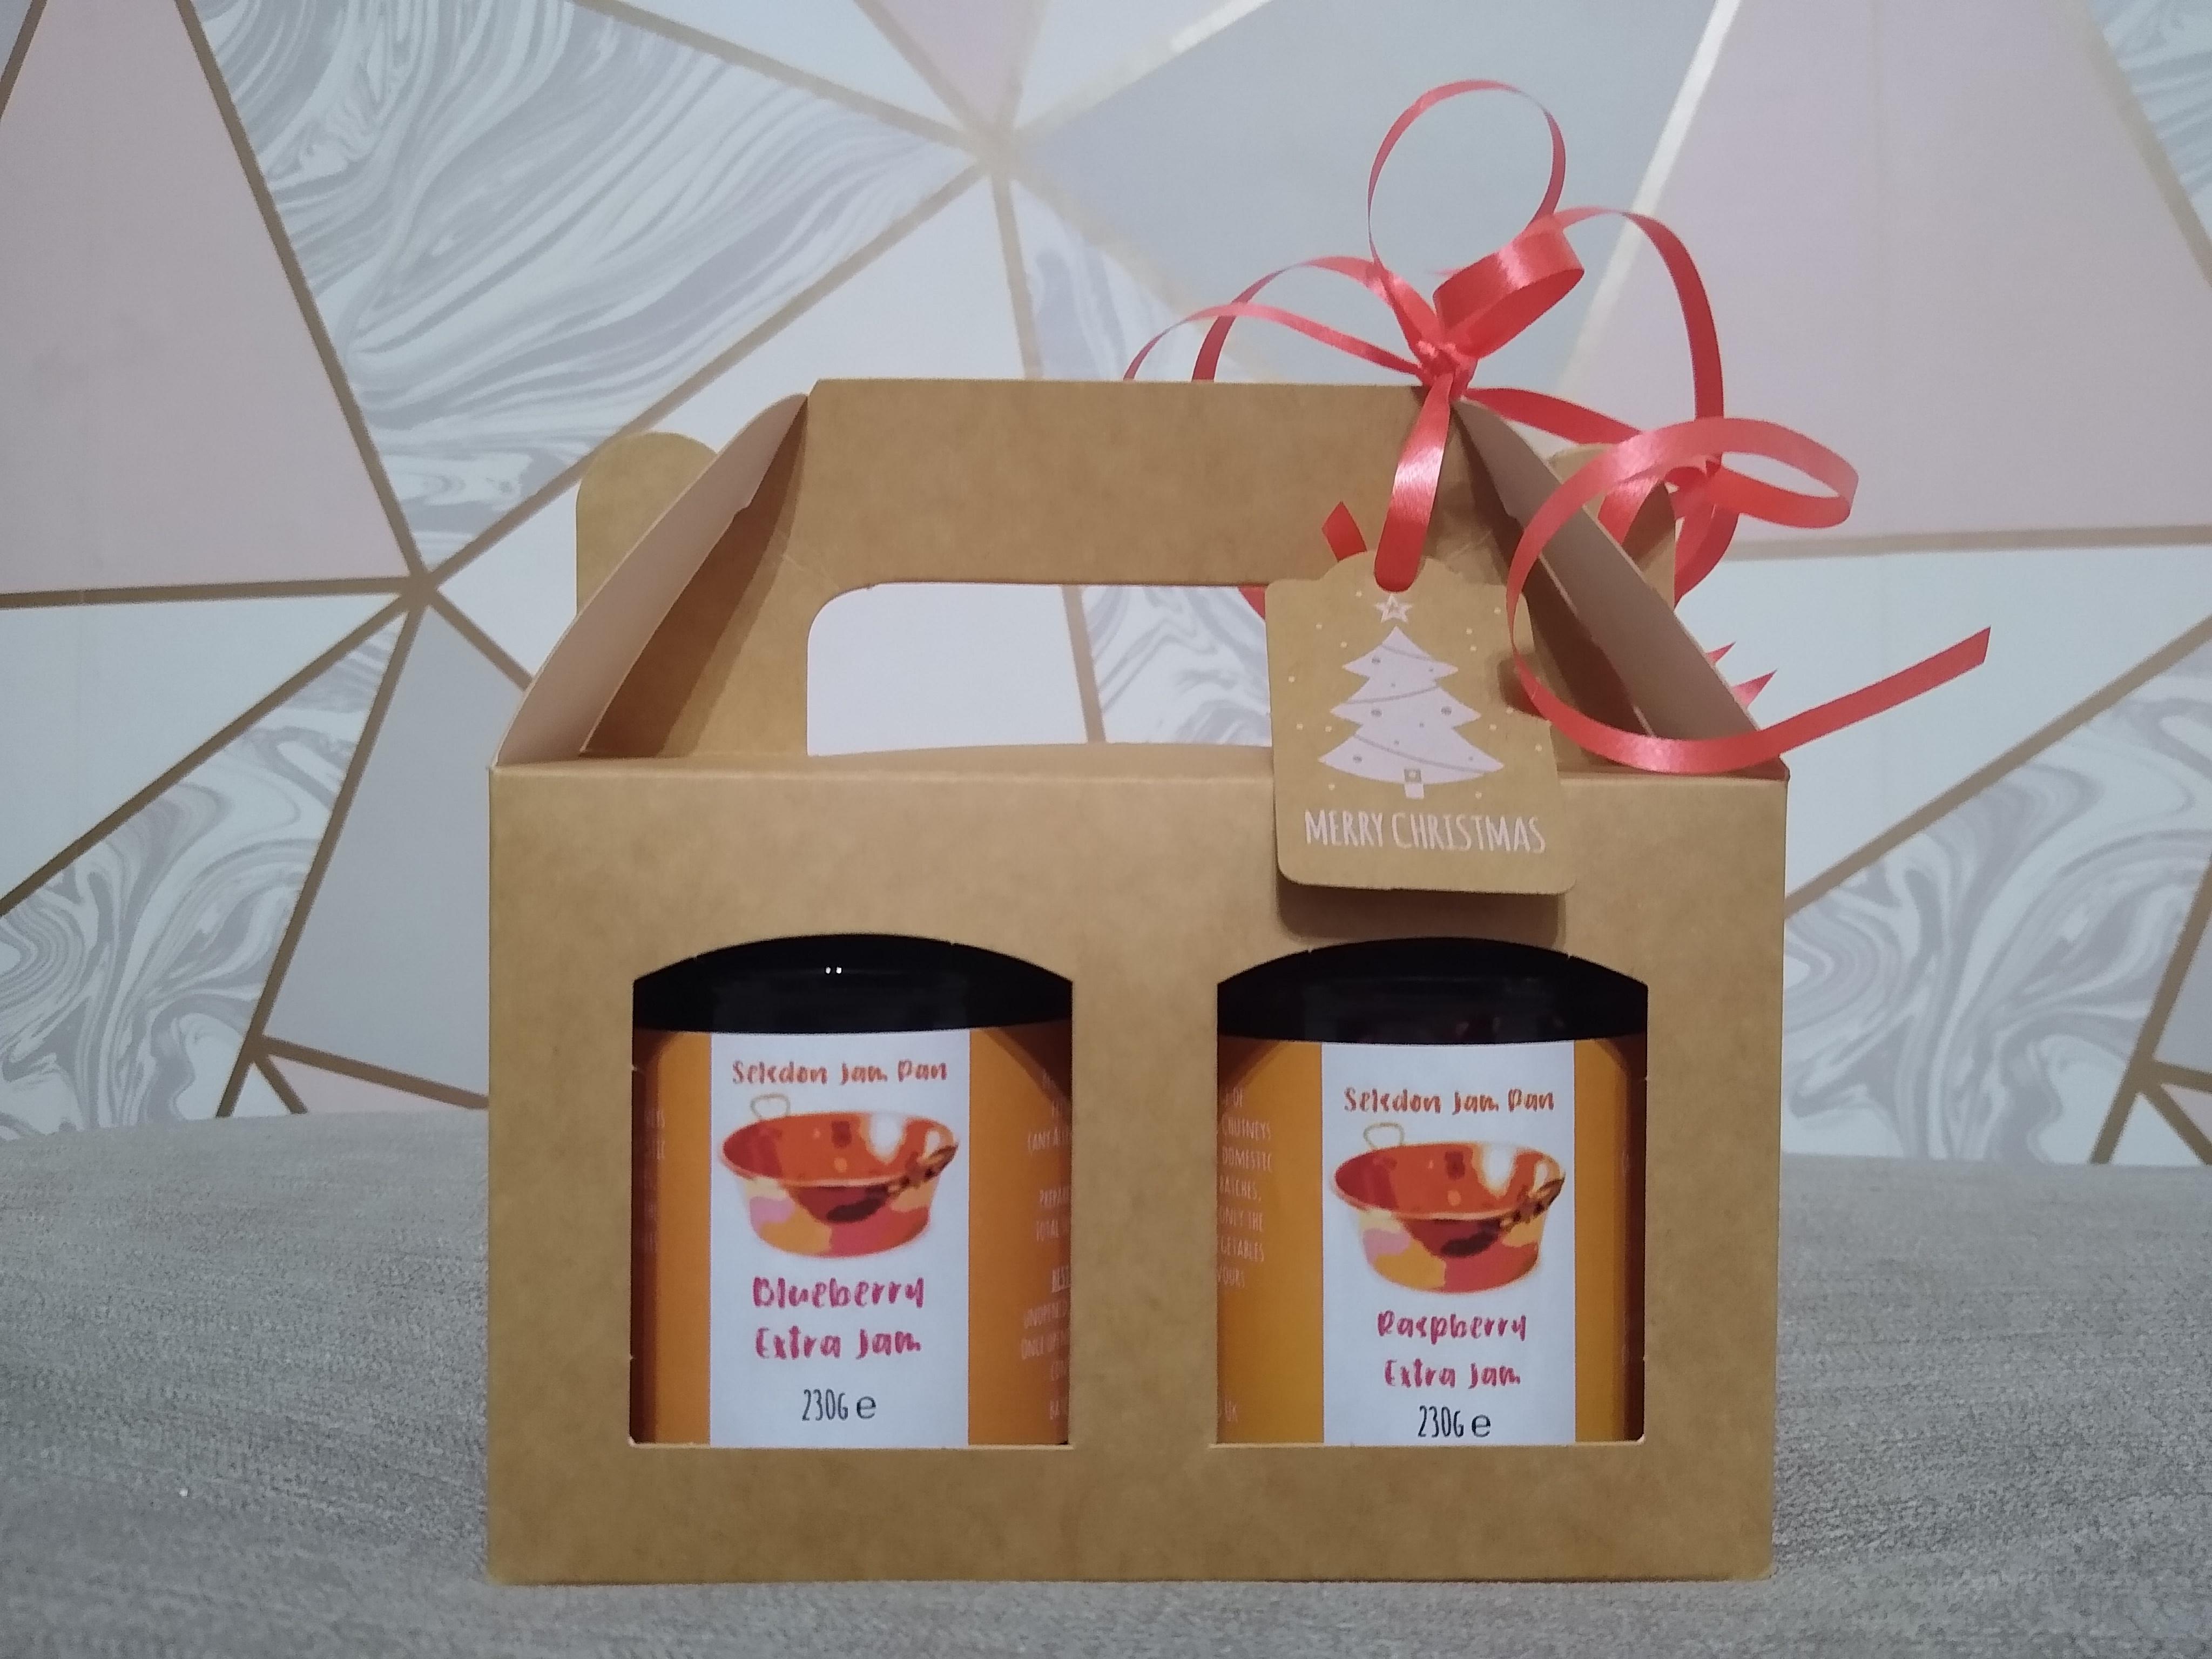 2 x ~200g Medium Jar Christmas Gift Set